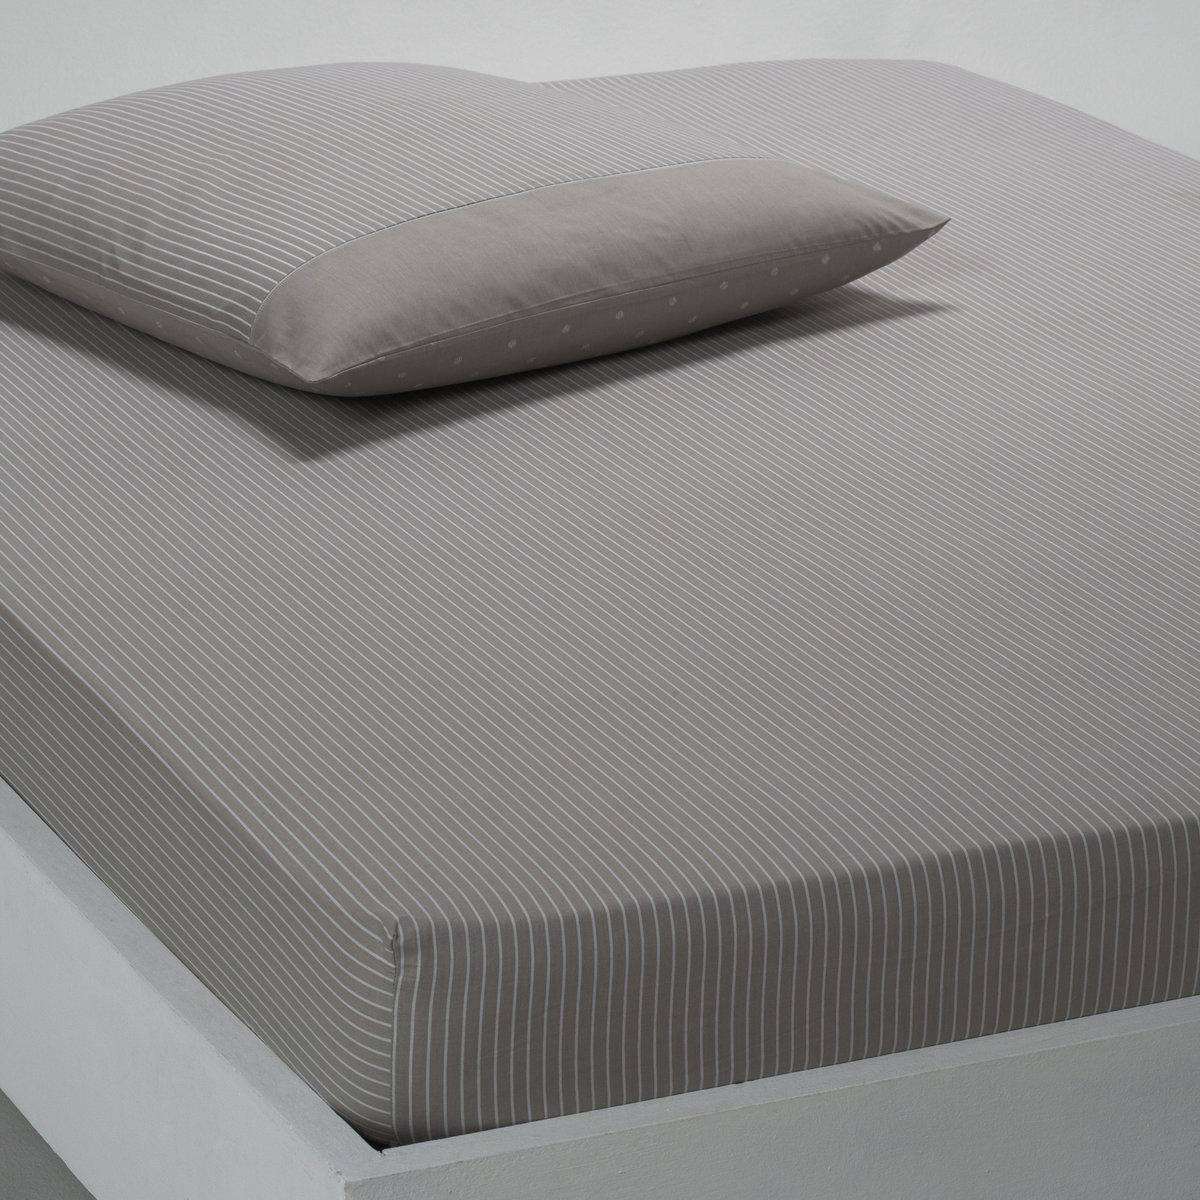 Натяжная простыня CassopiaАккуратные полоски придают интерьеру изысканность и утончённость. 100% хлопка, плотное переплетение нитей (57 нитей/см?). Обработка ткани soft finish делает её мягкой и приятной на ощупь. Стирка при 60°.   Размеры натяжной простыни:90 x 190 см: 1-сп. 140 x 190 см: 2-сп. 160 x 200 см: 2-сп.<br><br>Цвет: бежевый<br>Размер: 140 x 190  см.160 x 200  см